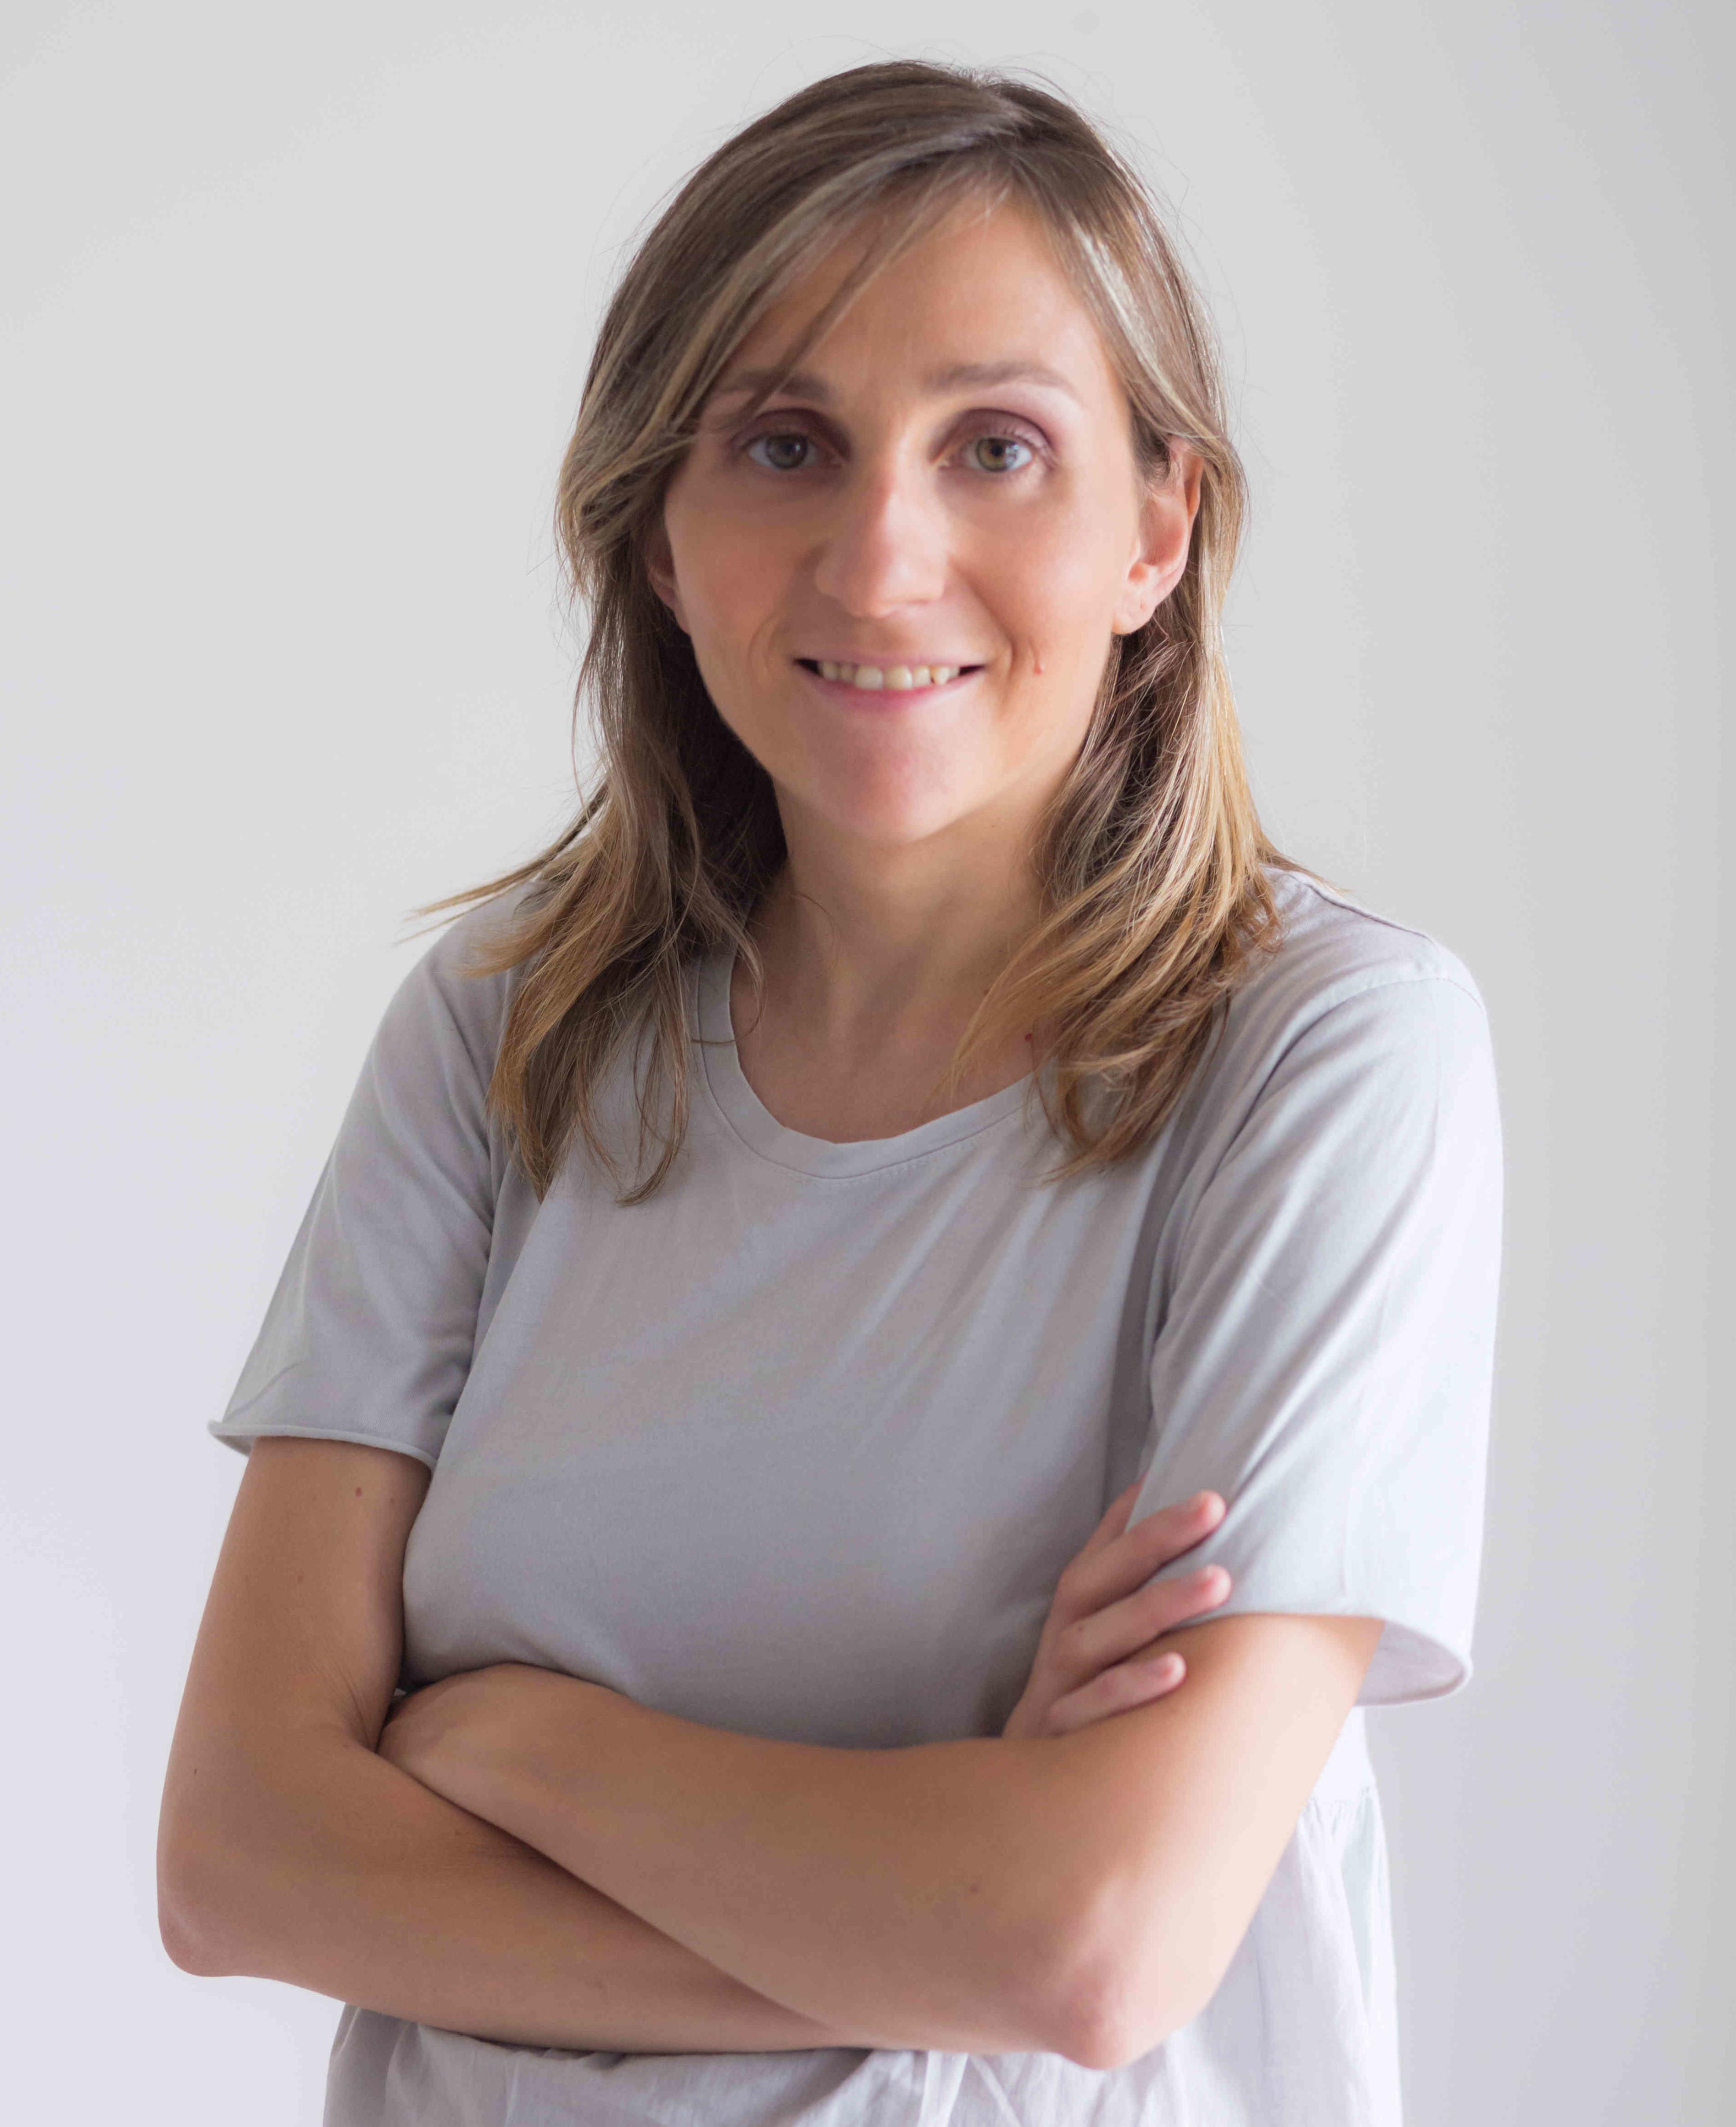 Claudia Daprà